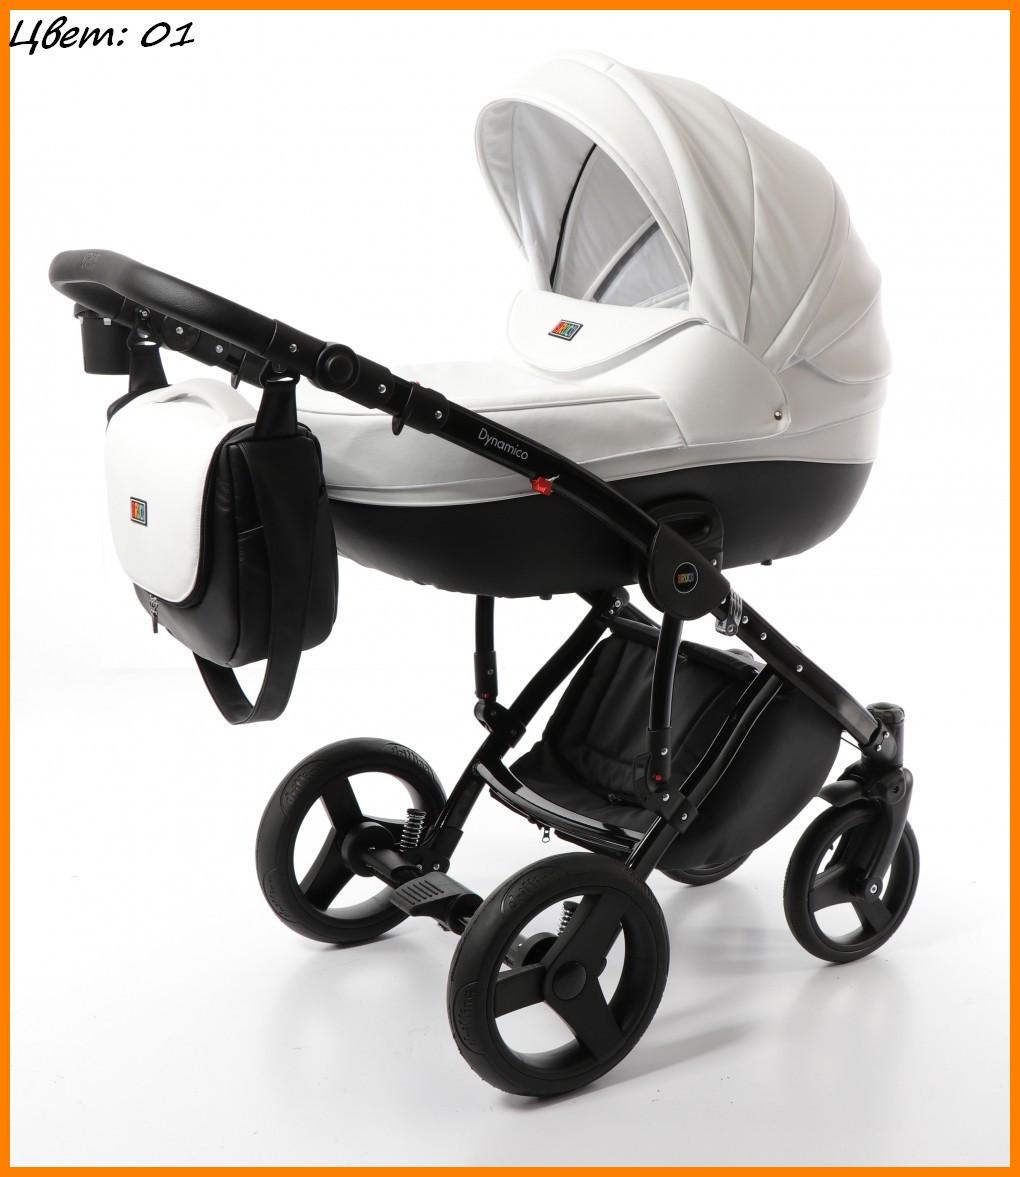 Детская коляска Broco Dynamiko 2 в 1 - Интернет-магазин детских товаров и мебели  SIGNAL 97ffdbf2670